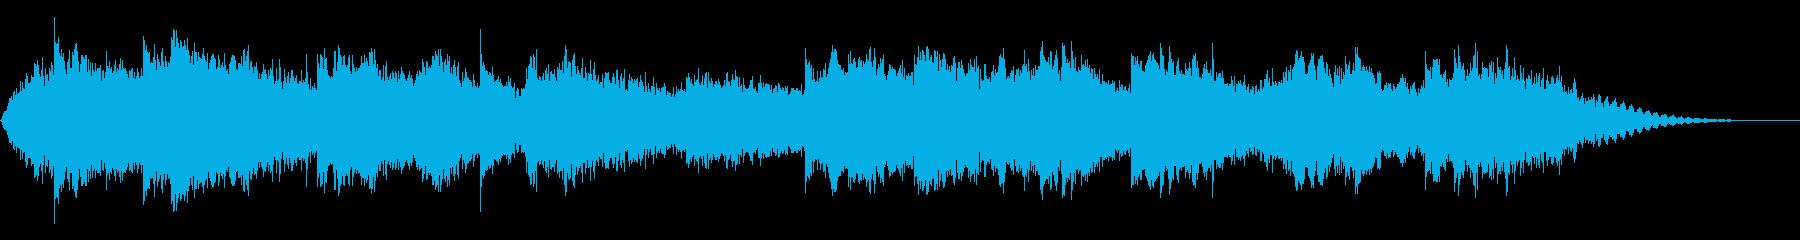 異世界5の再生済みの波形